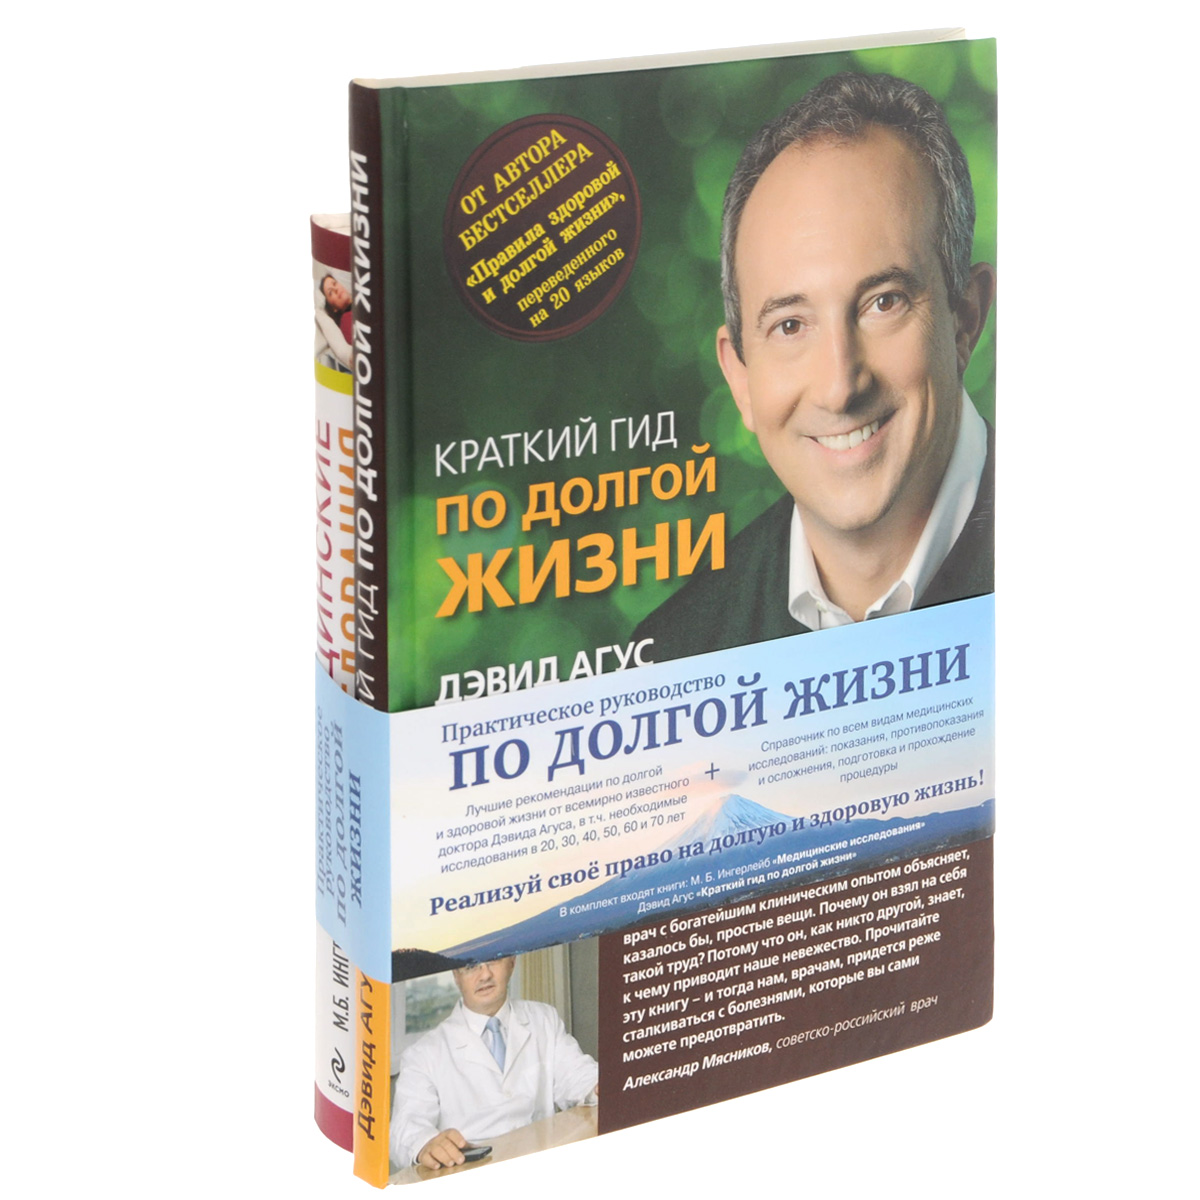 Практическое руководство по долгой жизни (комплект из 2 книг). Дэвид Агус,Михаил Ингерлейб